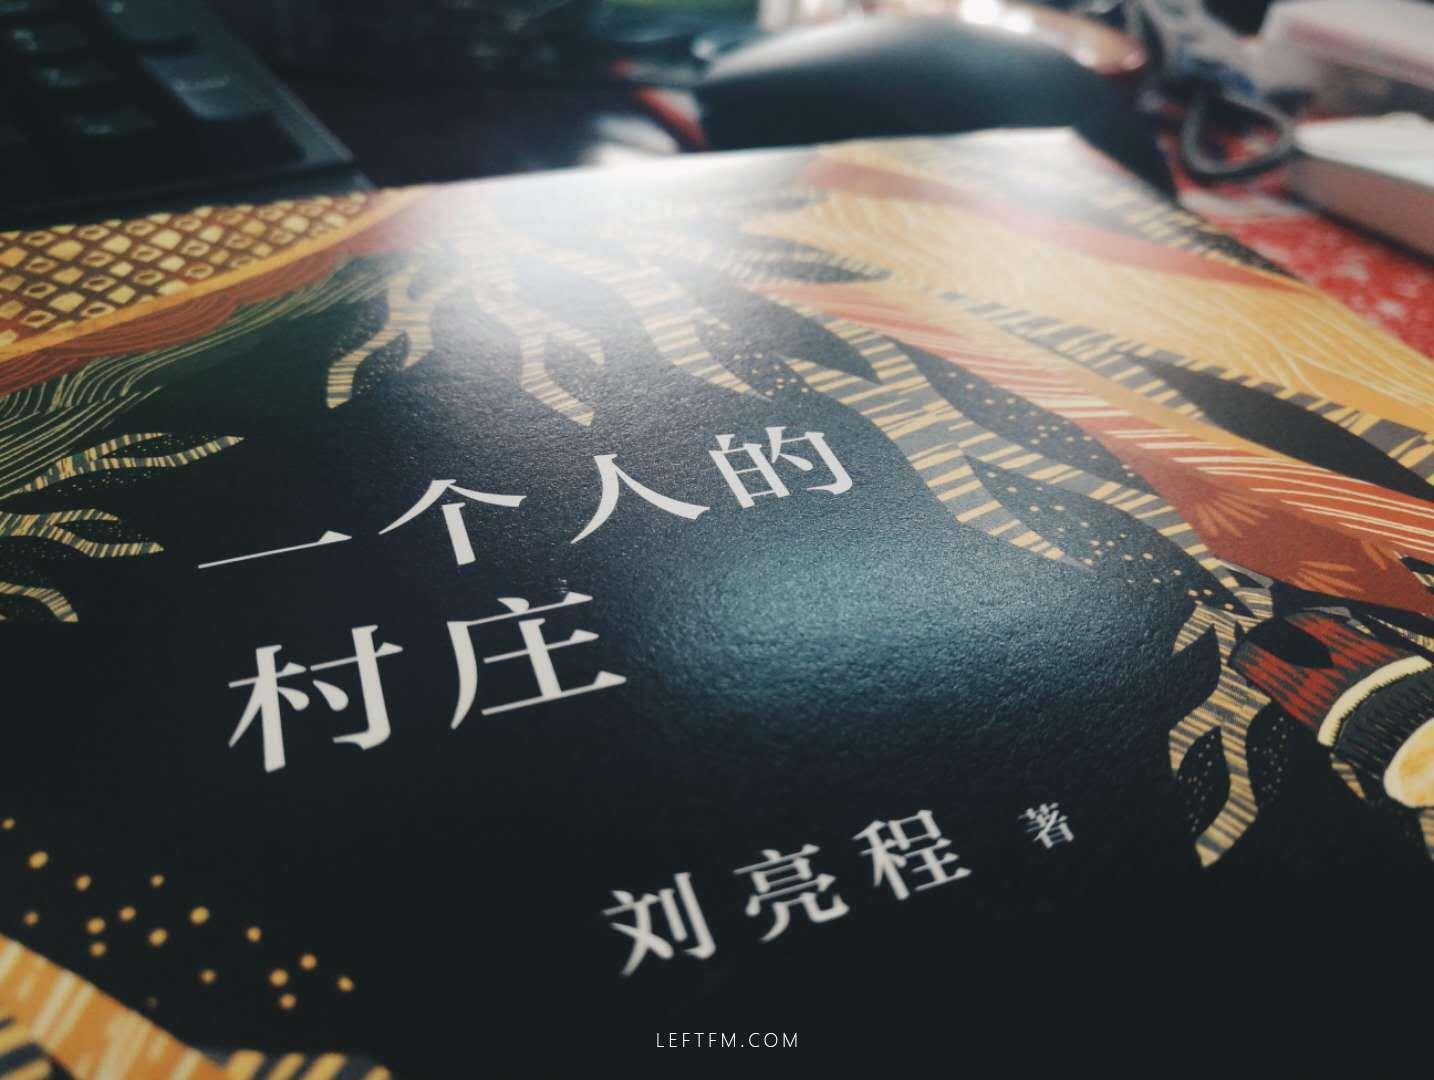 刘亮程 / 一个人的村庄